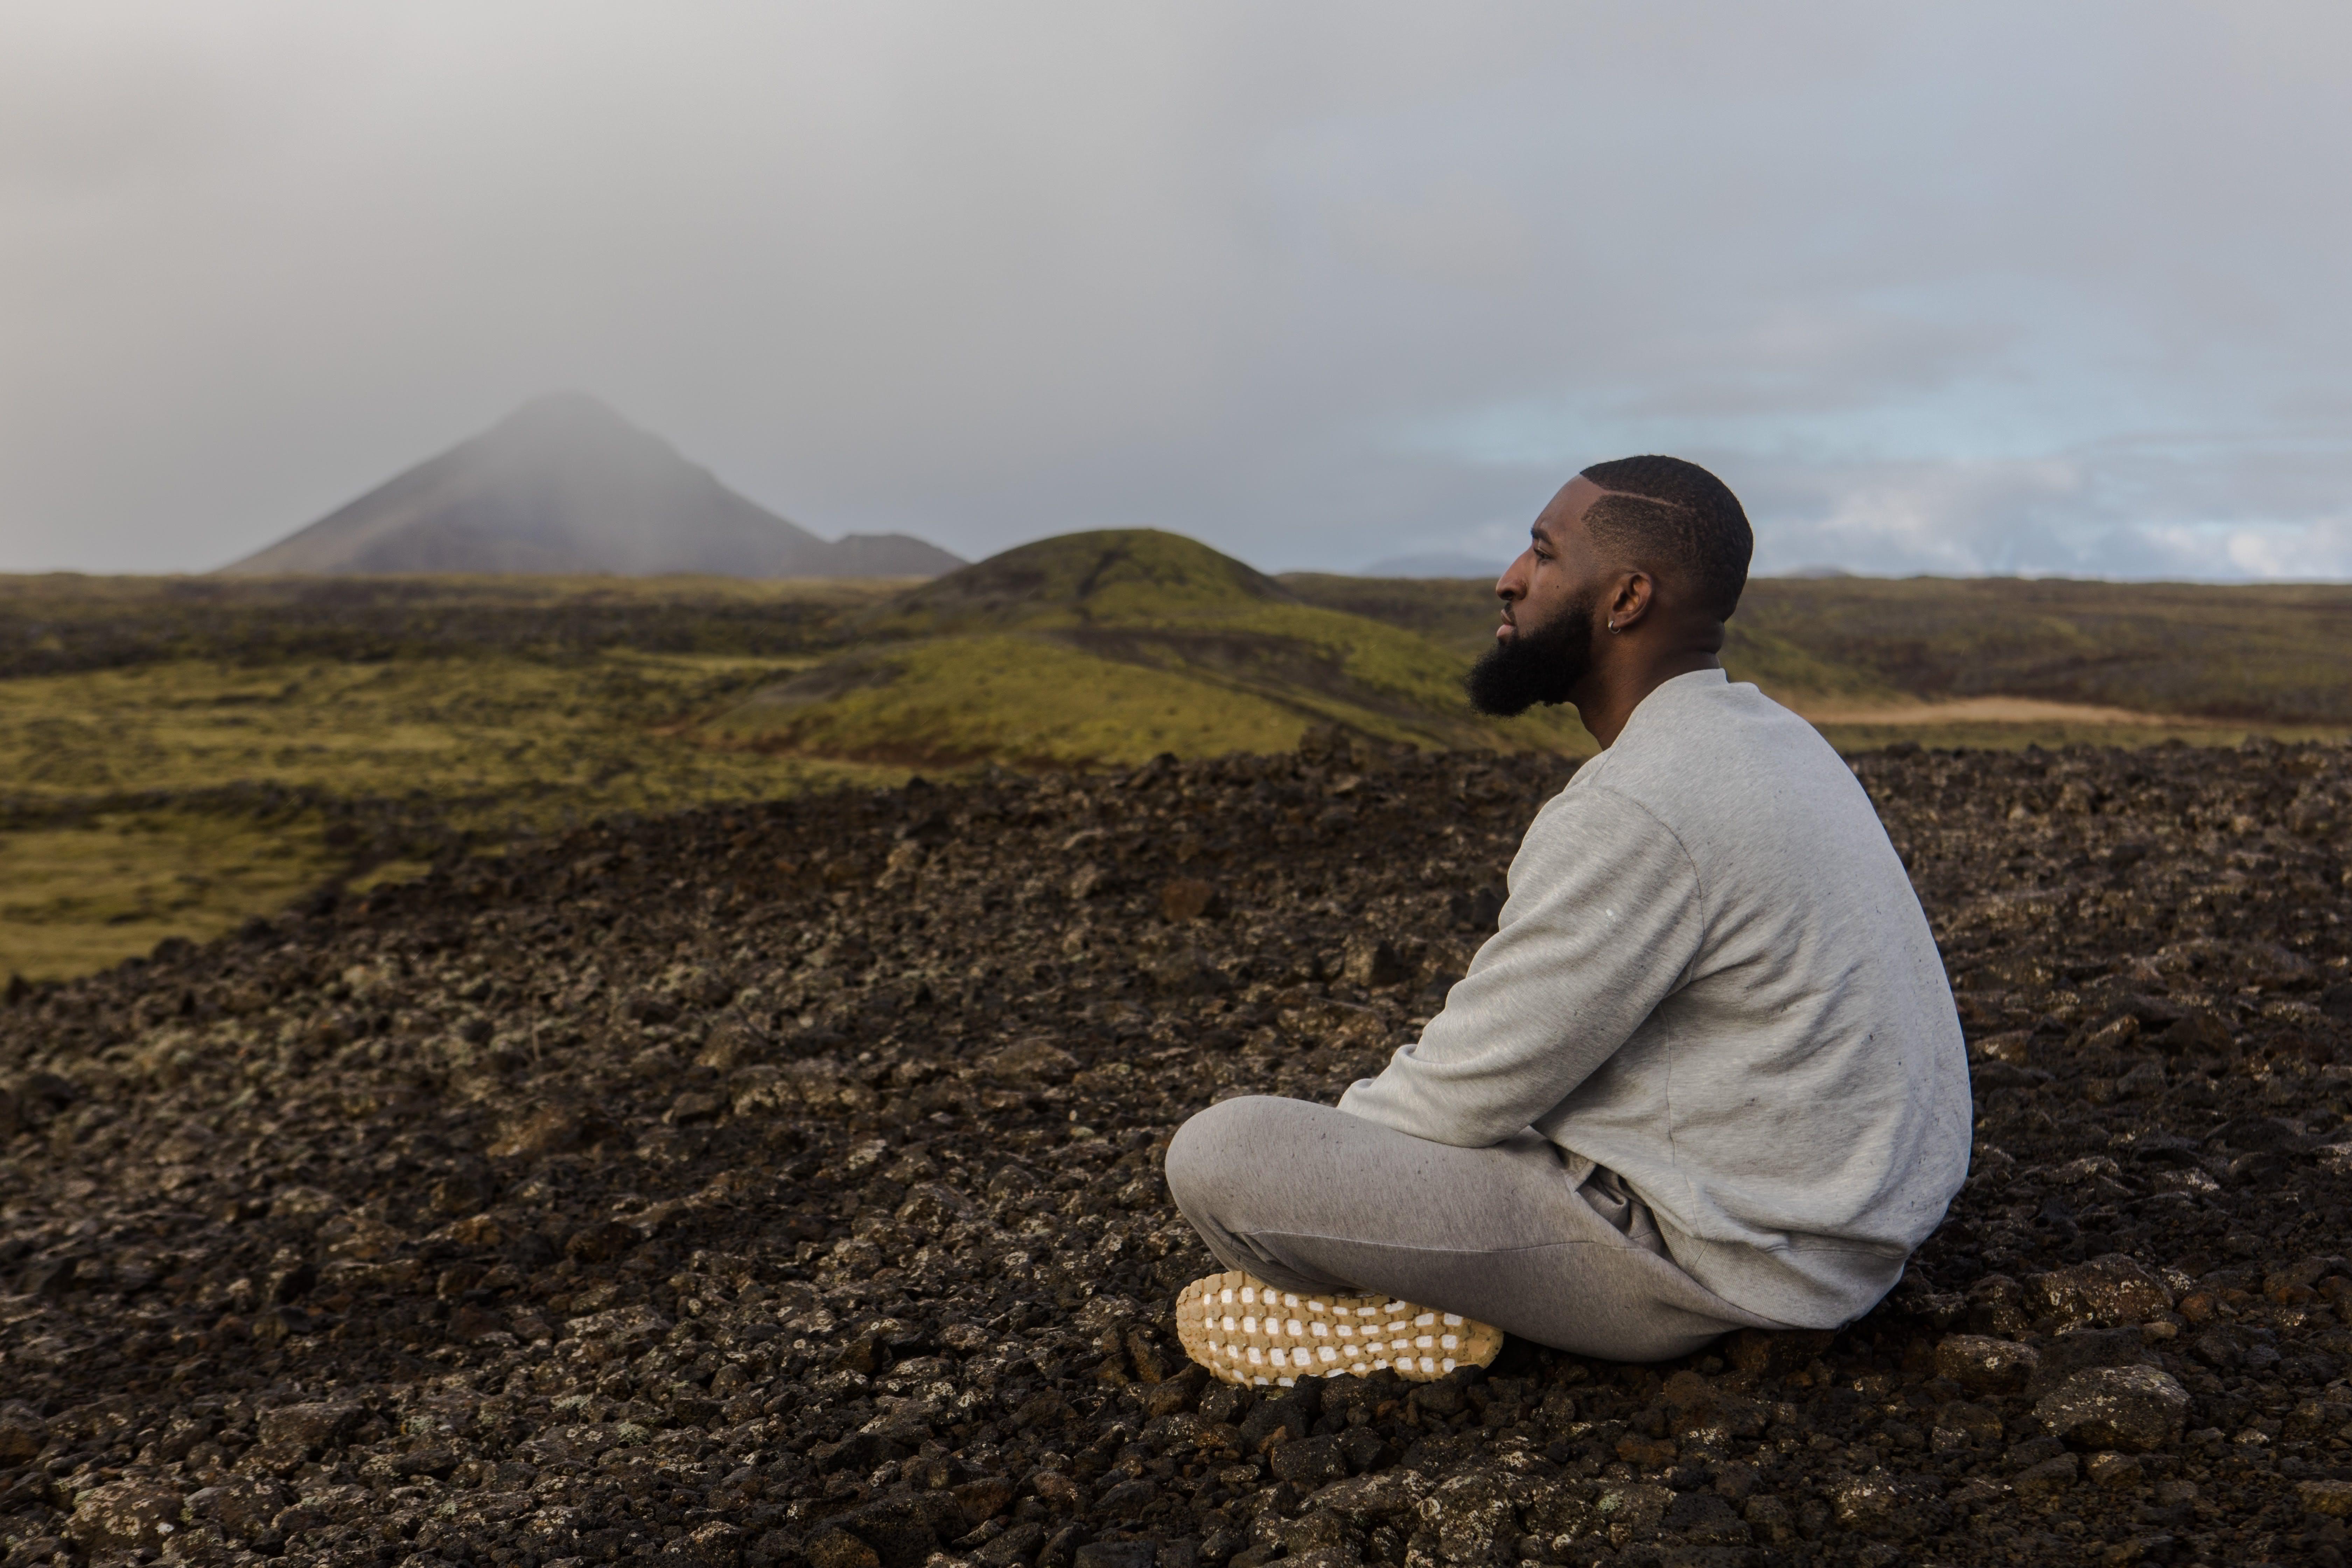 Man in White Top Sitting on Brown Soil